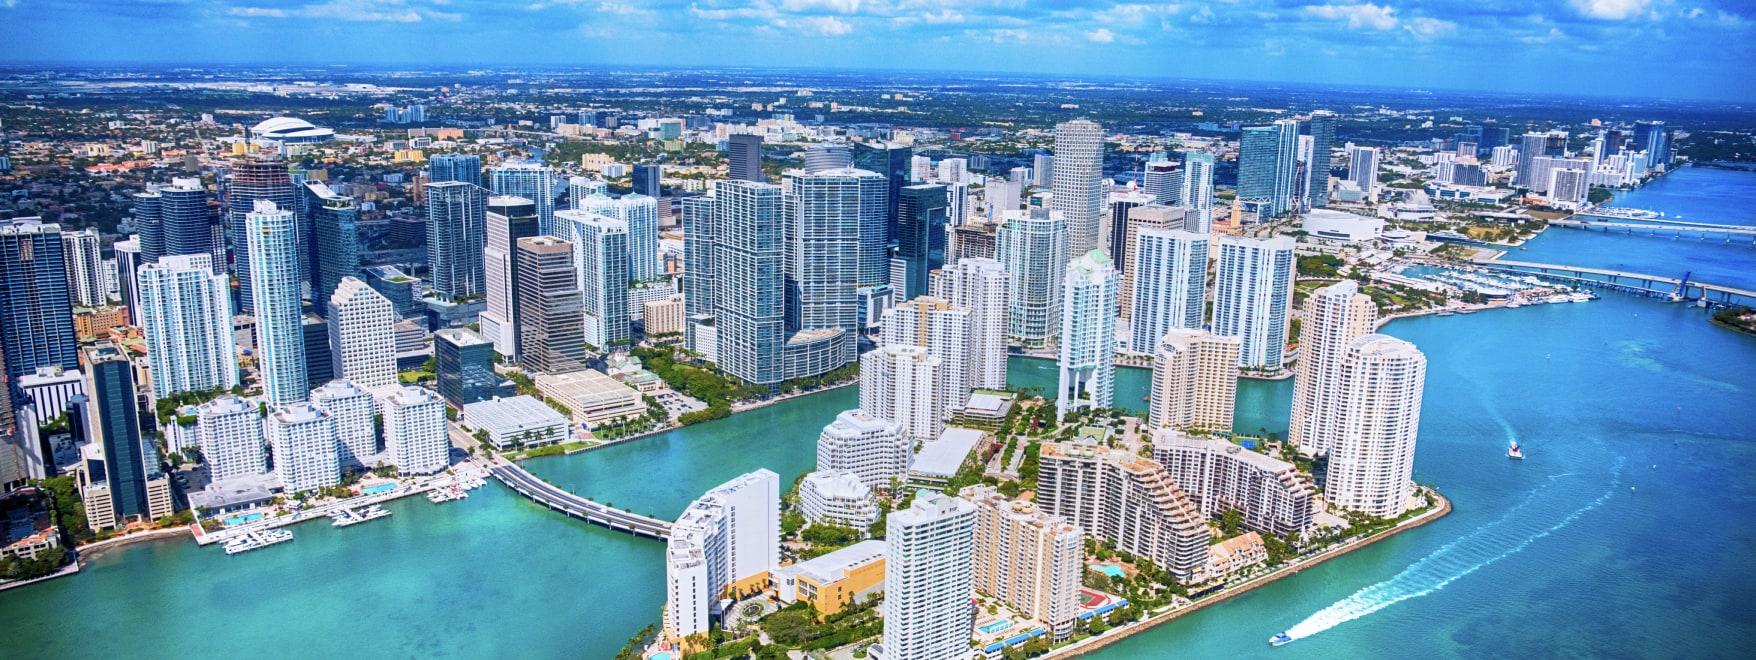 Miami Data Centers